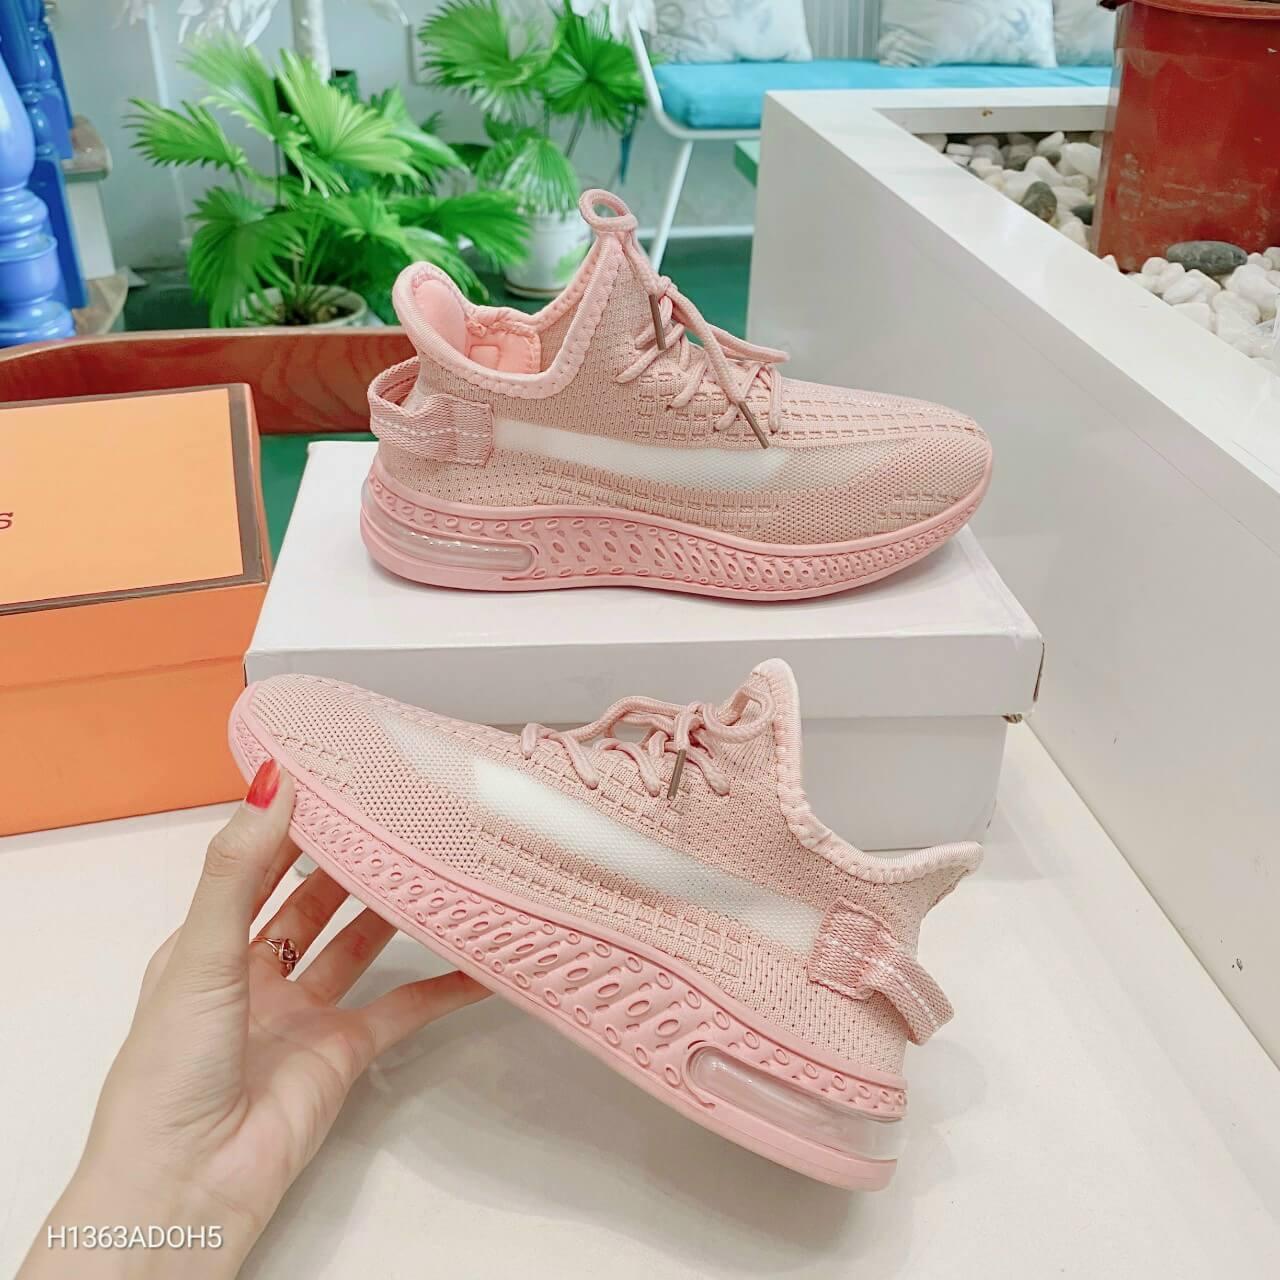 cách lấy sỉ giày dép Quảng Châu giá rẻ